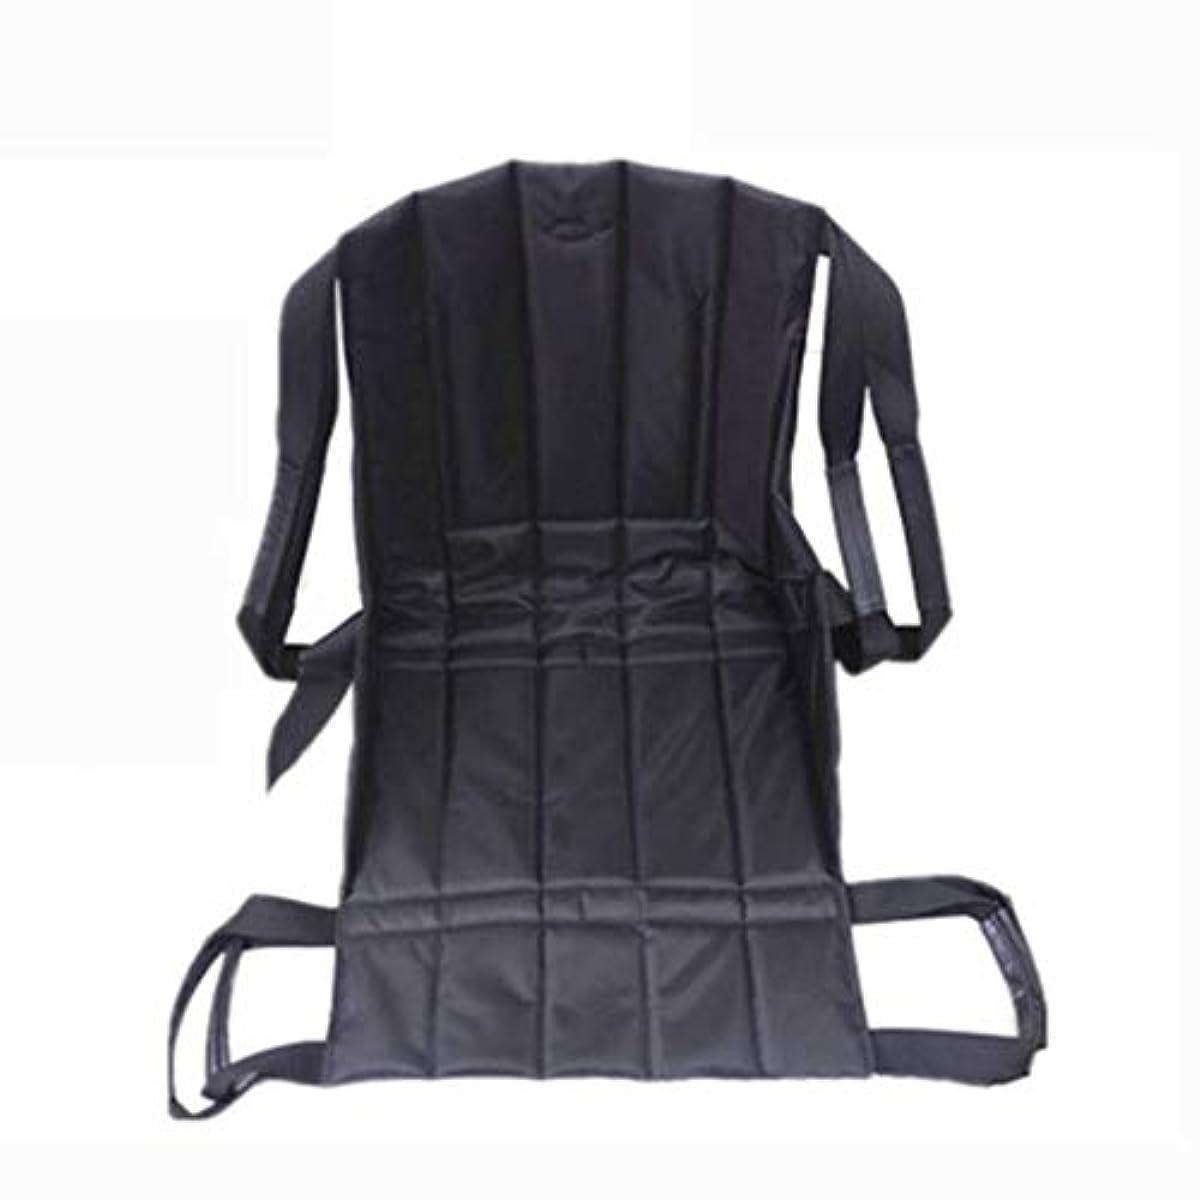 助言する簡単に免除する患者リフト階段スライドボード移動緊急避難用椅子車椅子シートベルト安全全身医療用リフティングスリングスライディング移動ディスク使用高齢者用